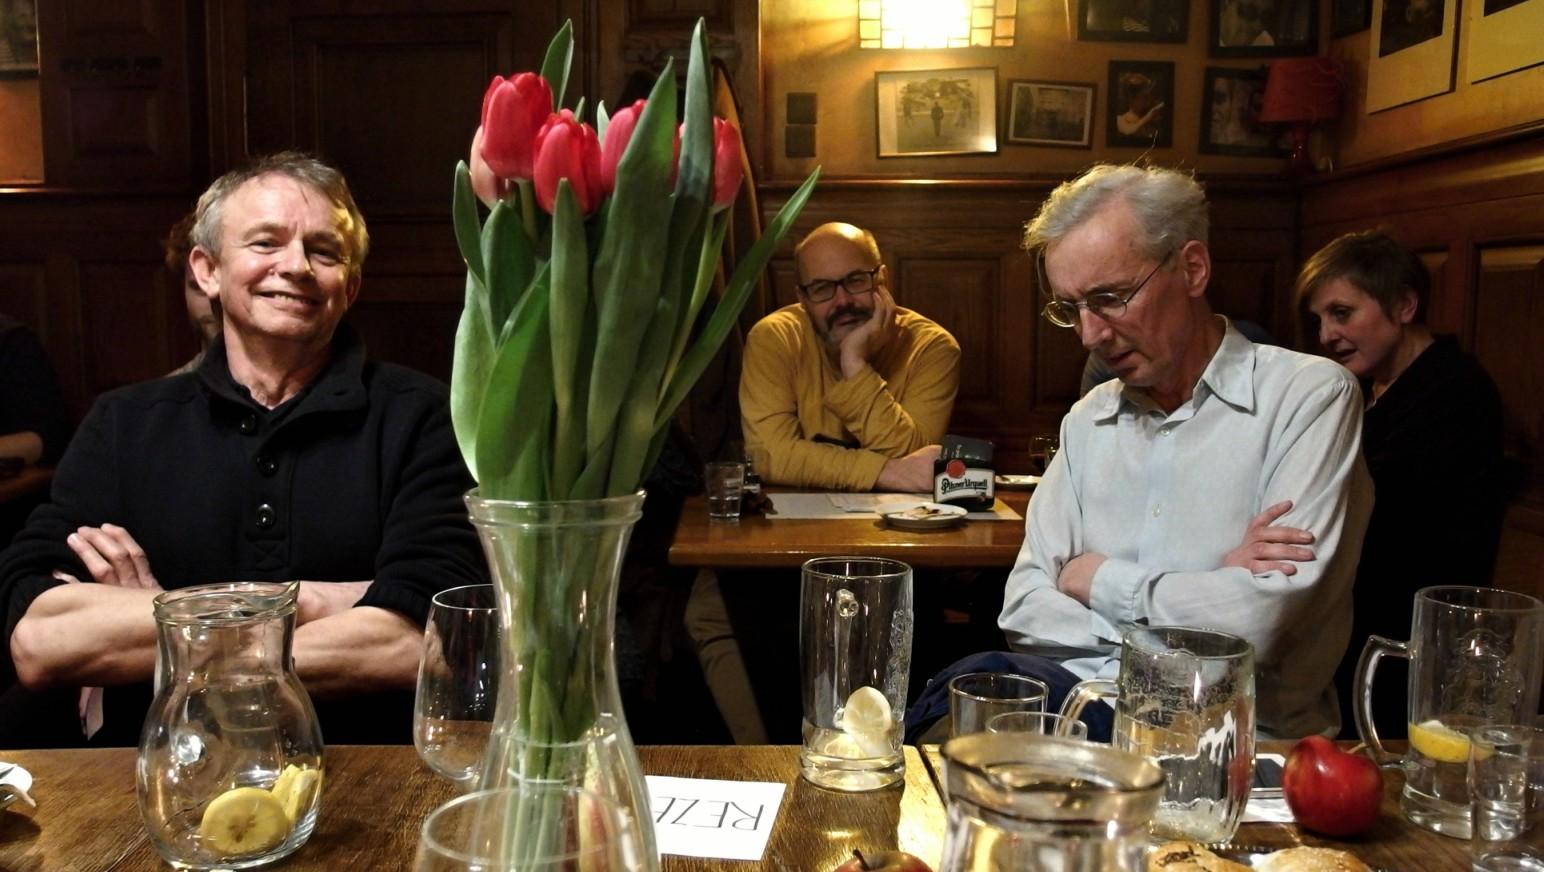 Juraj Nvota (vlevo), Vladimír Morávek (uprostřed vzadu) a J. A. Pitínský při diskusi